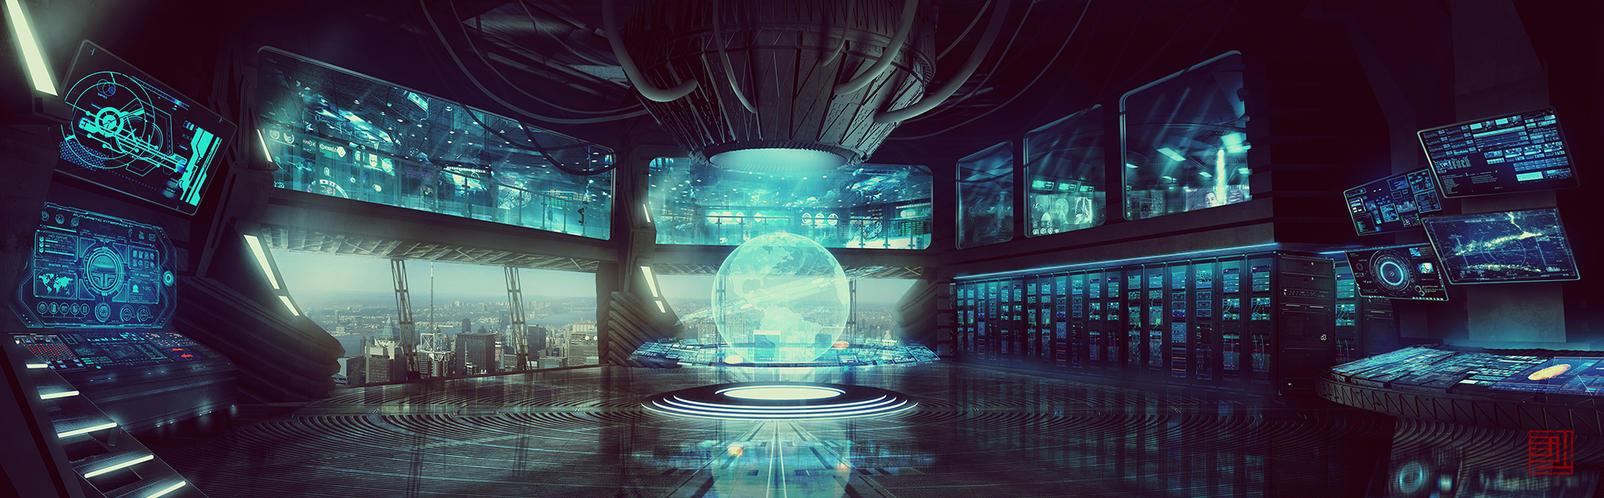 tower_laboratory_by_julian_faylona-da1ar